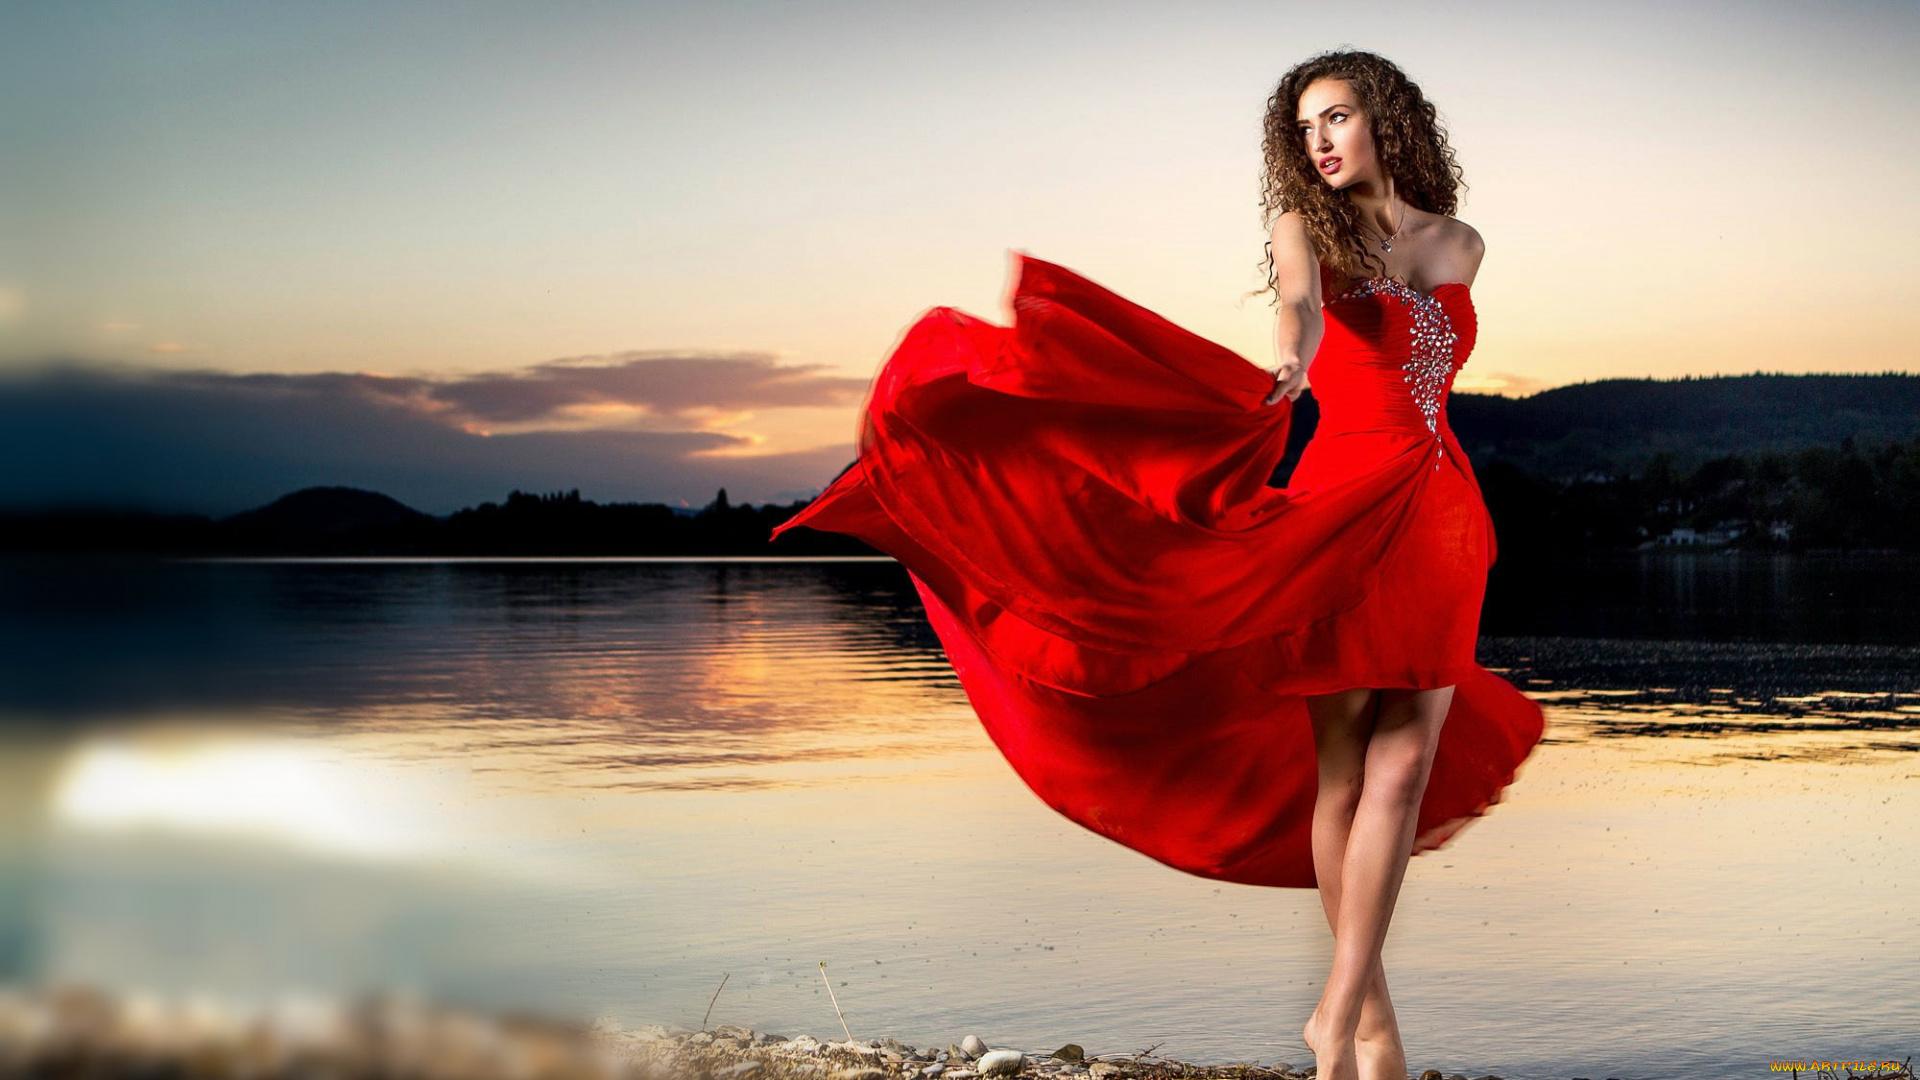 Толстушки в платьях фото, Пышные девушки -фото. Шикарные формы тела 21 фотография